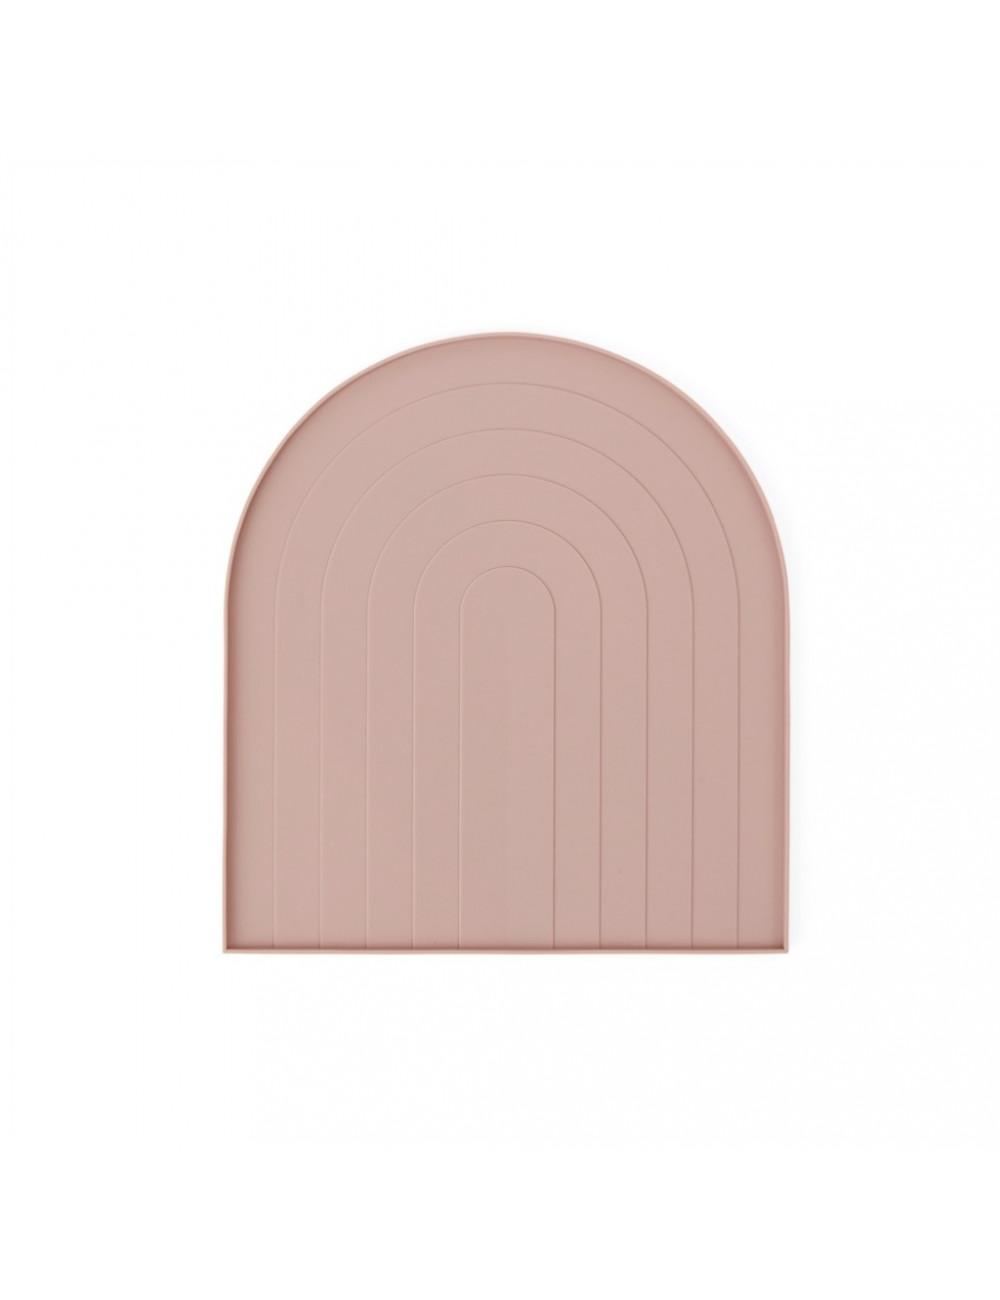 Siliconen Afdruipplaat | Roze